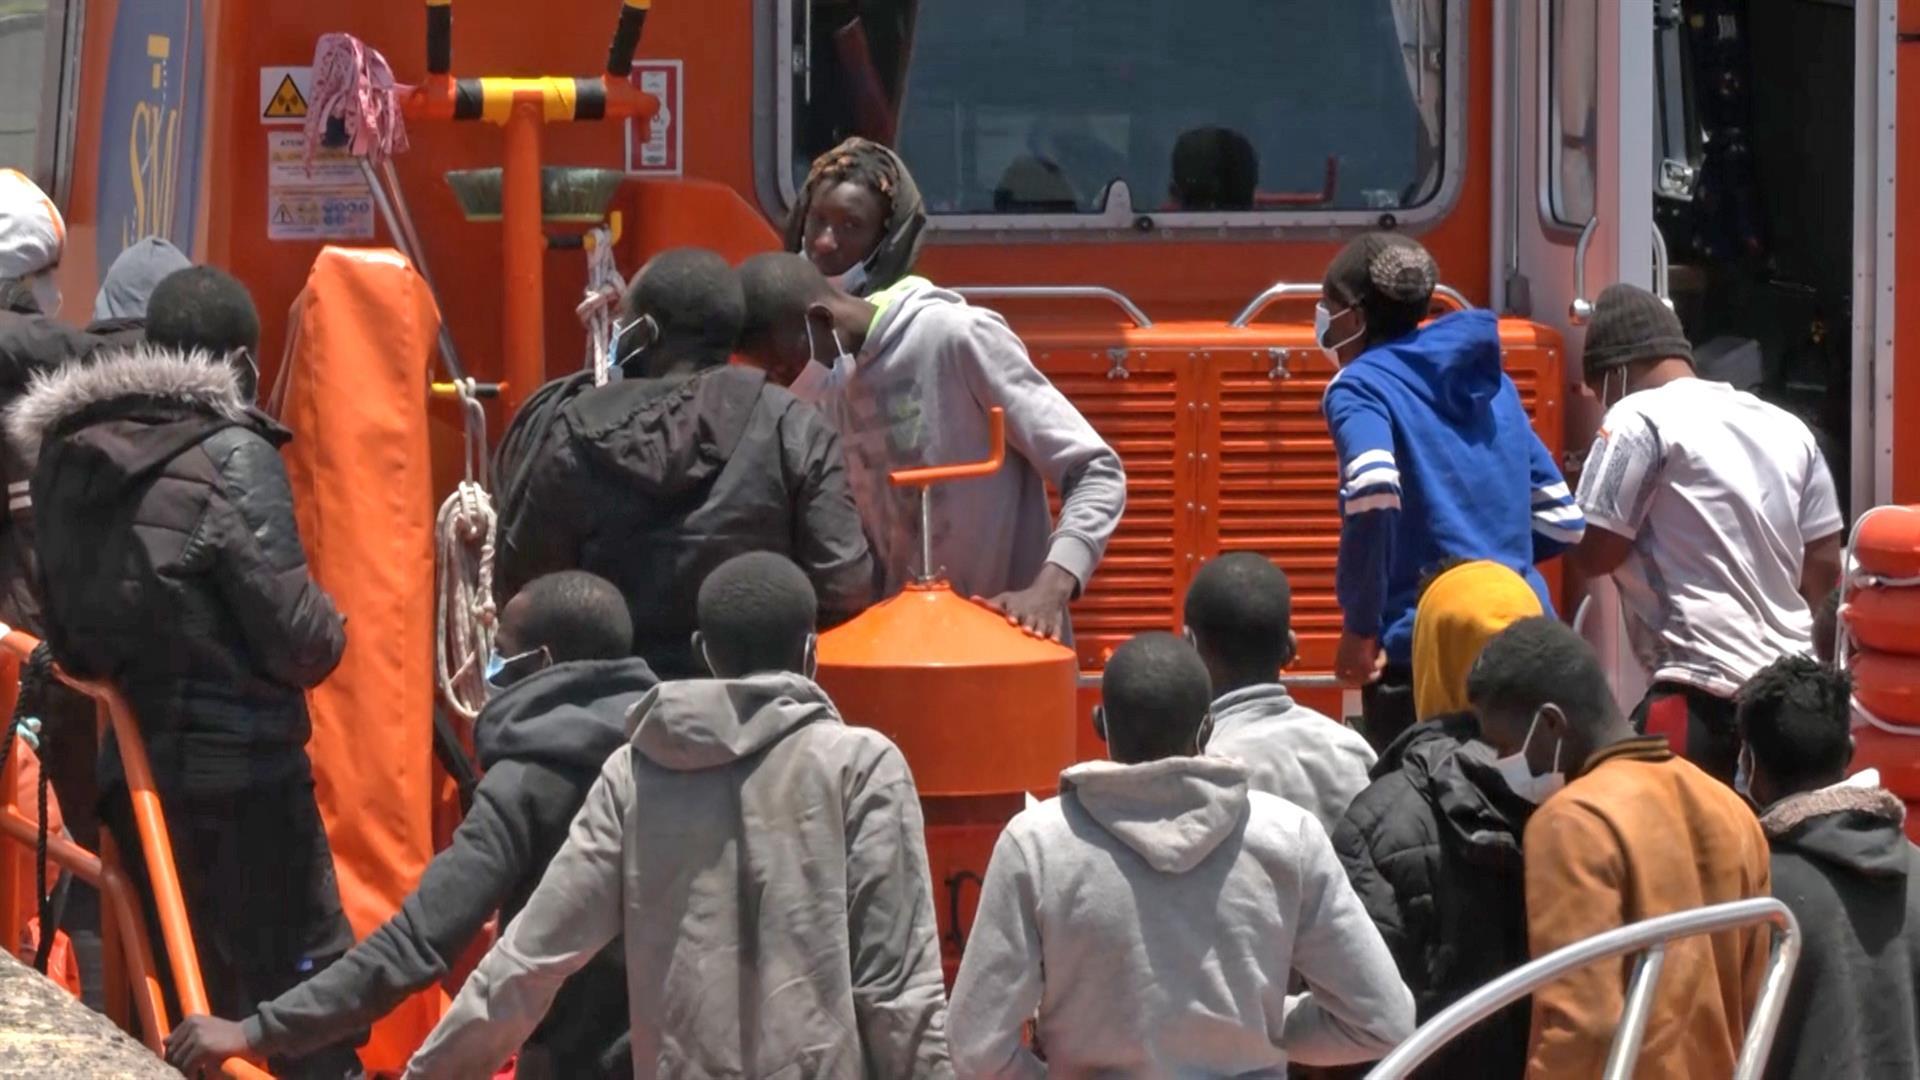 Ascienden a 80 los migrantes trasladados a las costas andaluzas tras navegar en patera este domingo